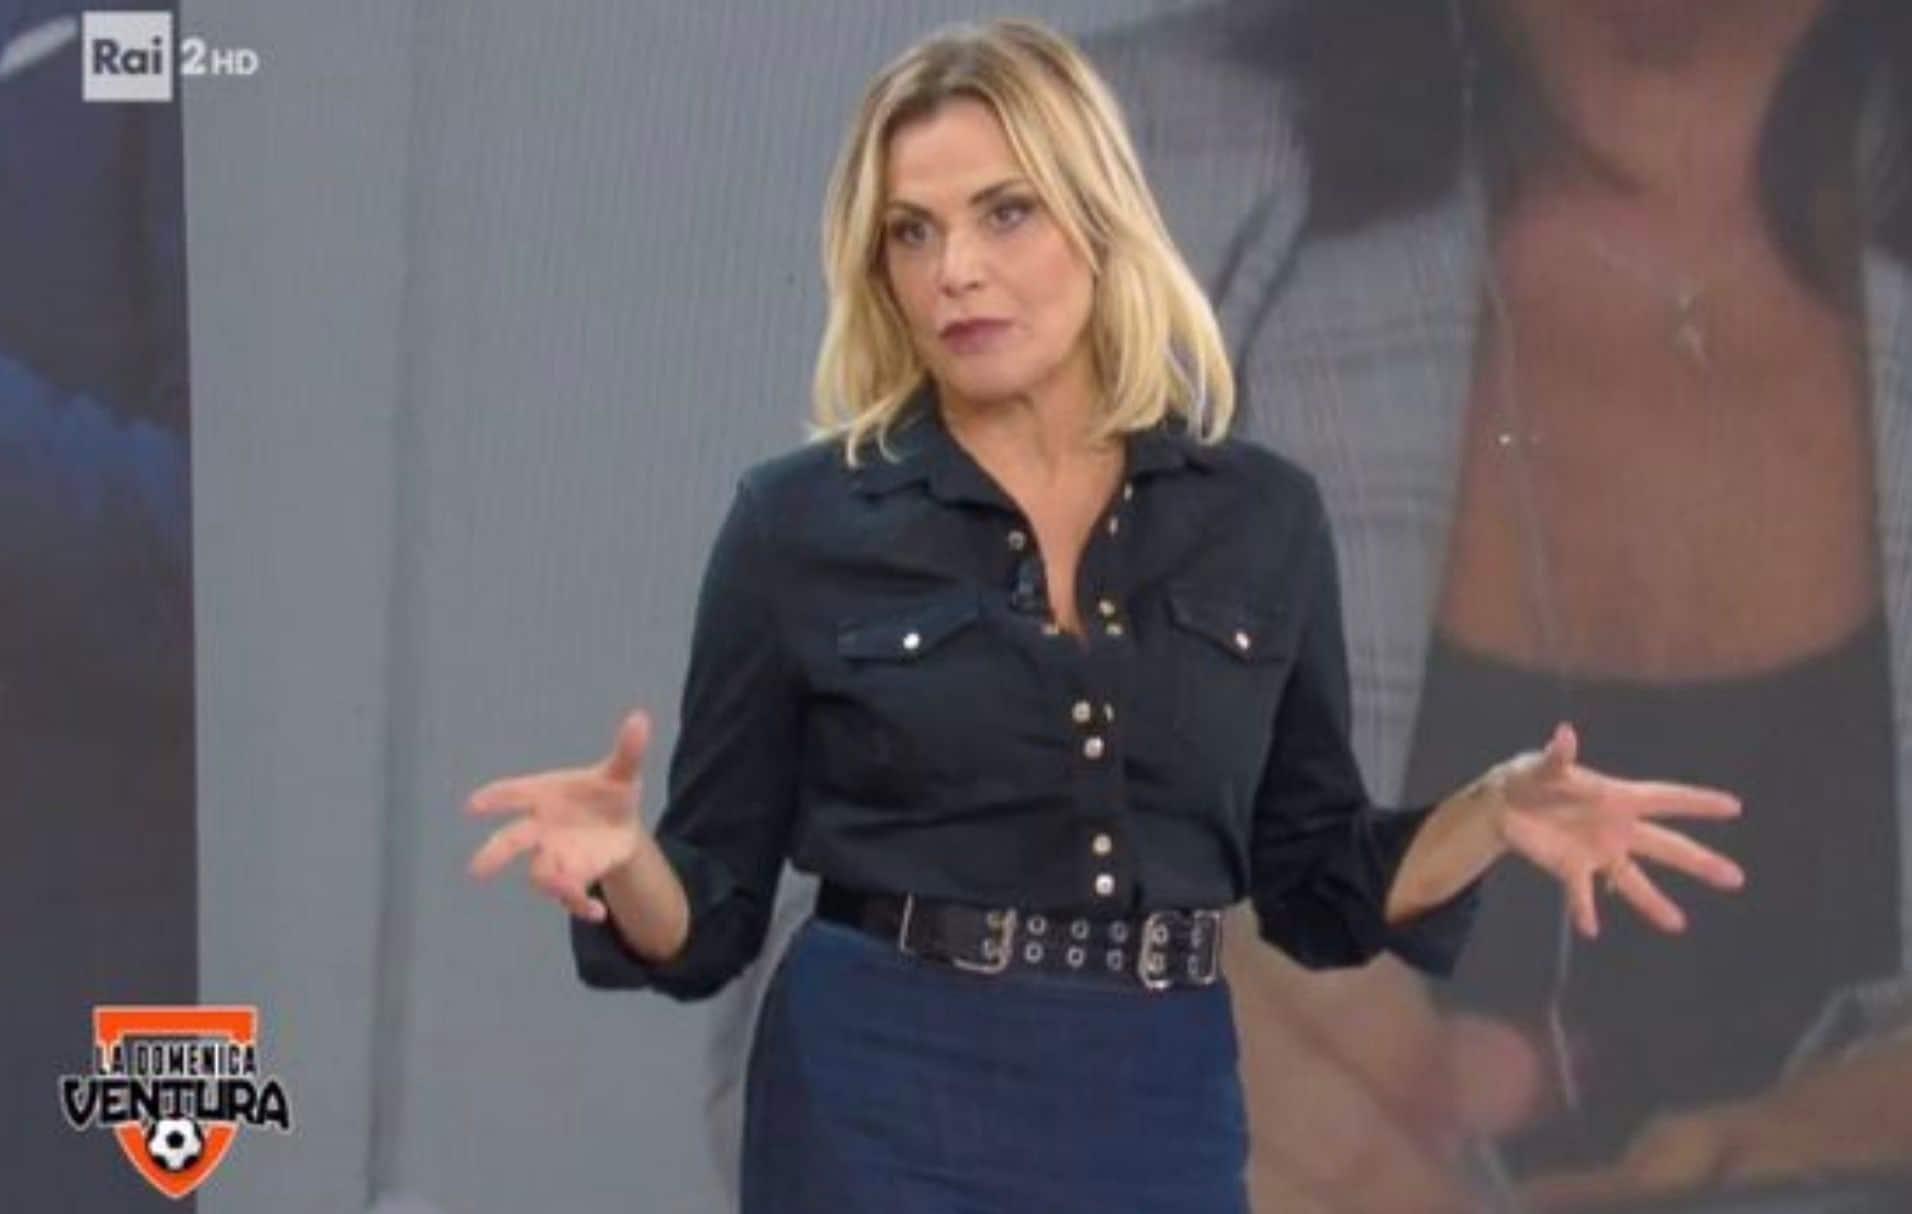 Rai Due non vuole bene a Simona Ventura: dopo The Voice Of I